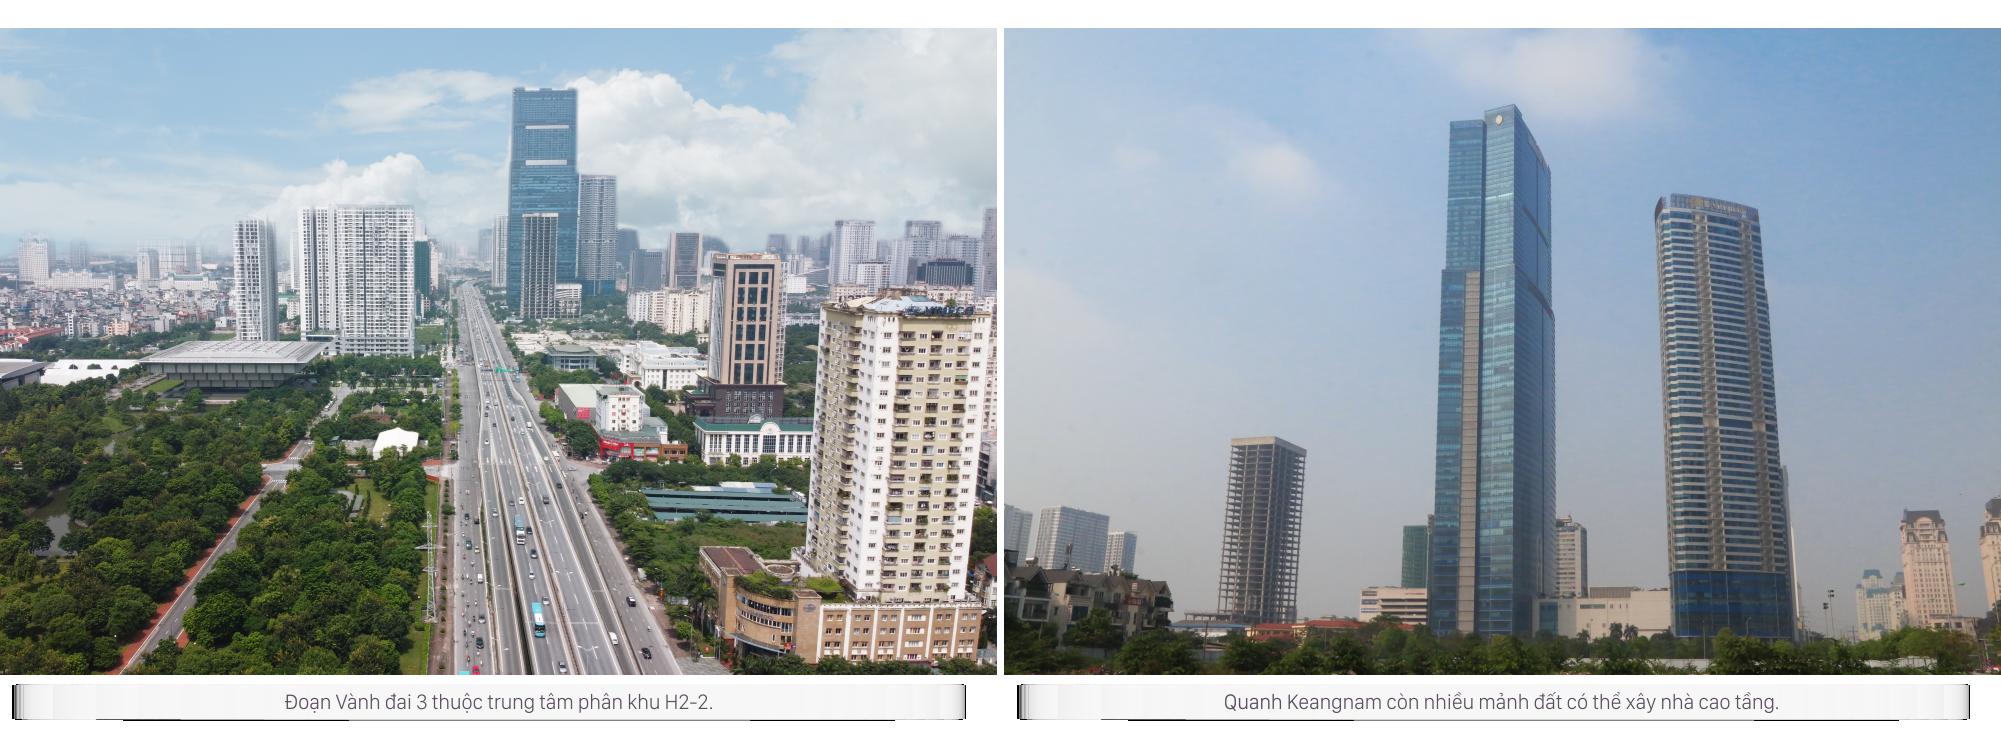 Vùng qui hoạch đẹp Keangnam: Hàng loạt doanh nghiệp lớn đổ về đầu tư, nhiều công trình nổi tiếng thế giới - Ảnh 10.